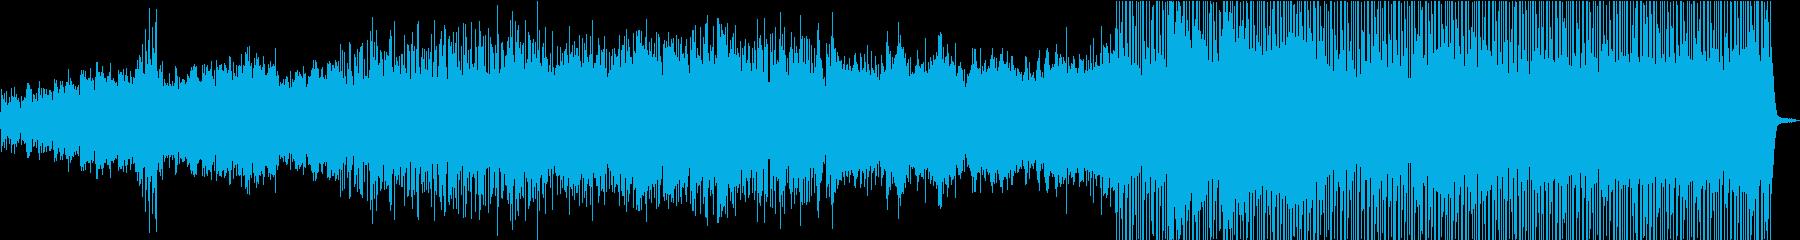 新しく前向きな高音のシンセサイザー の曲の再生済みの波形